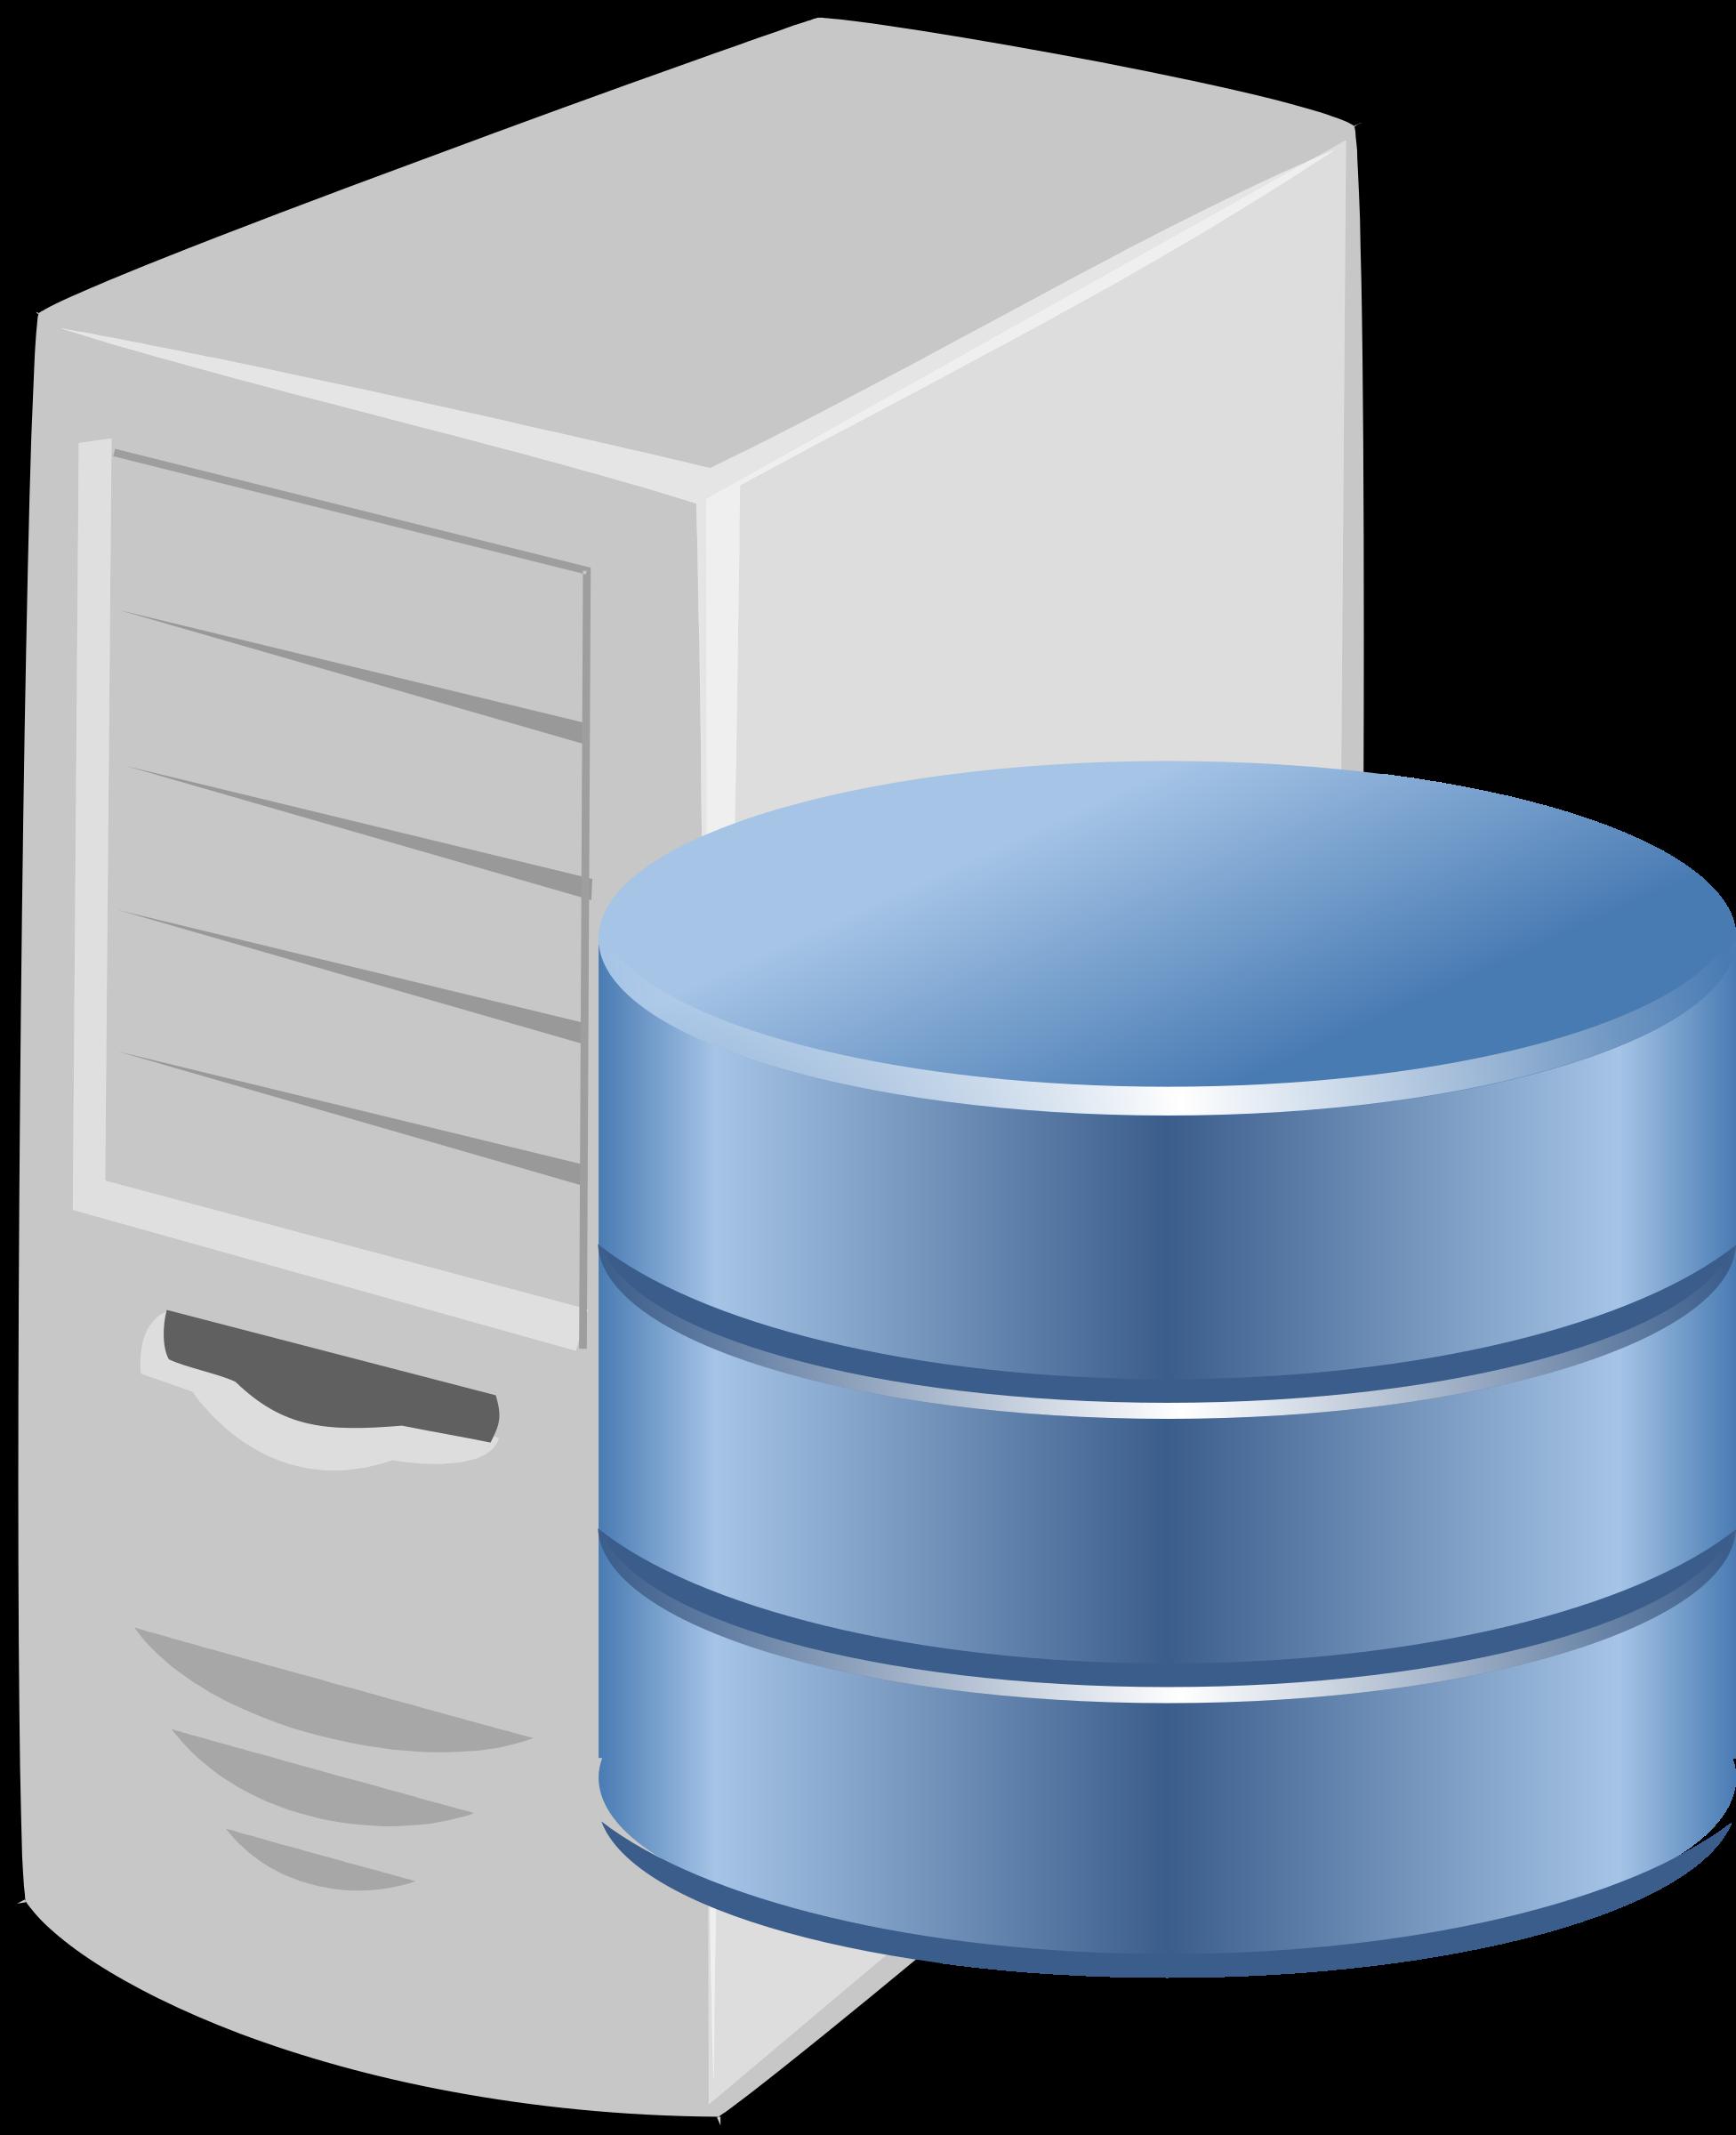 transparent download Database big image png. Server clipart